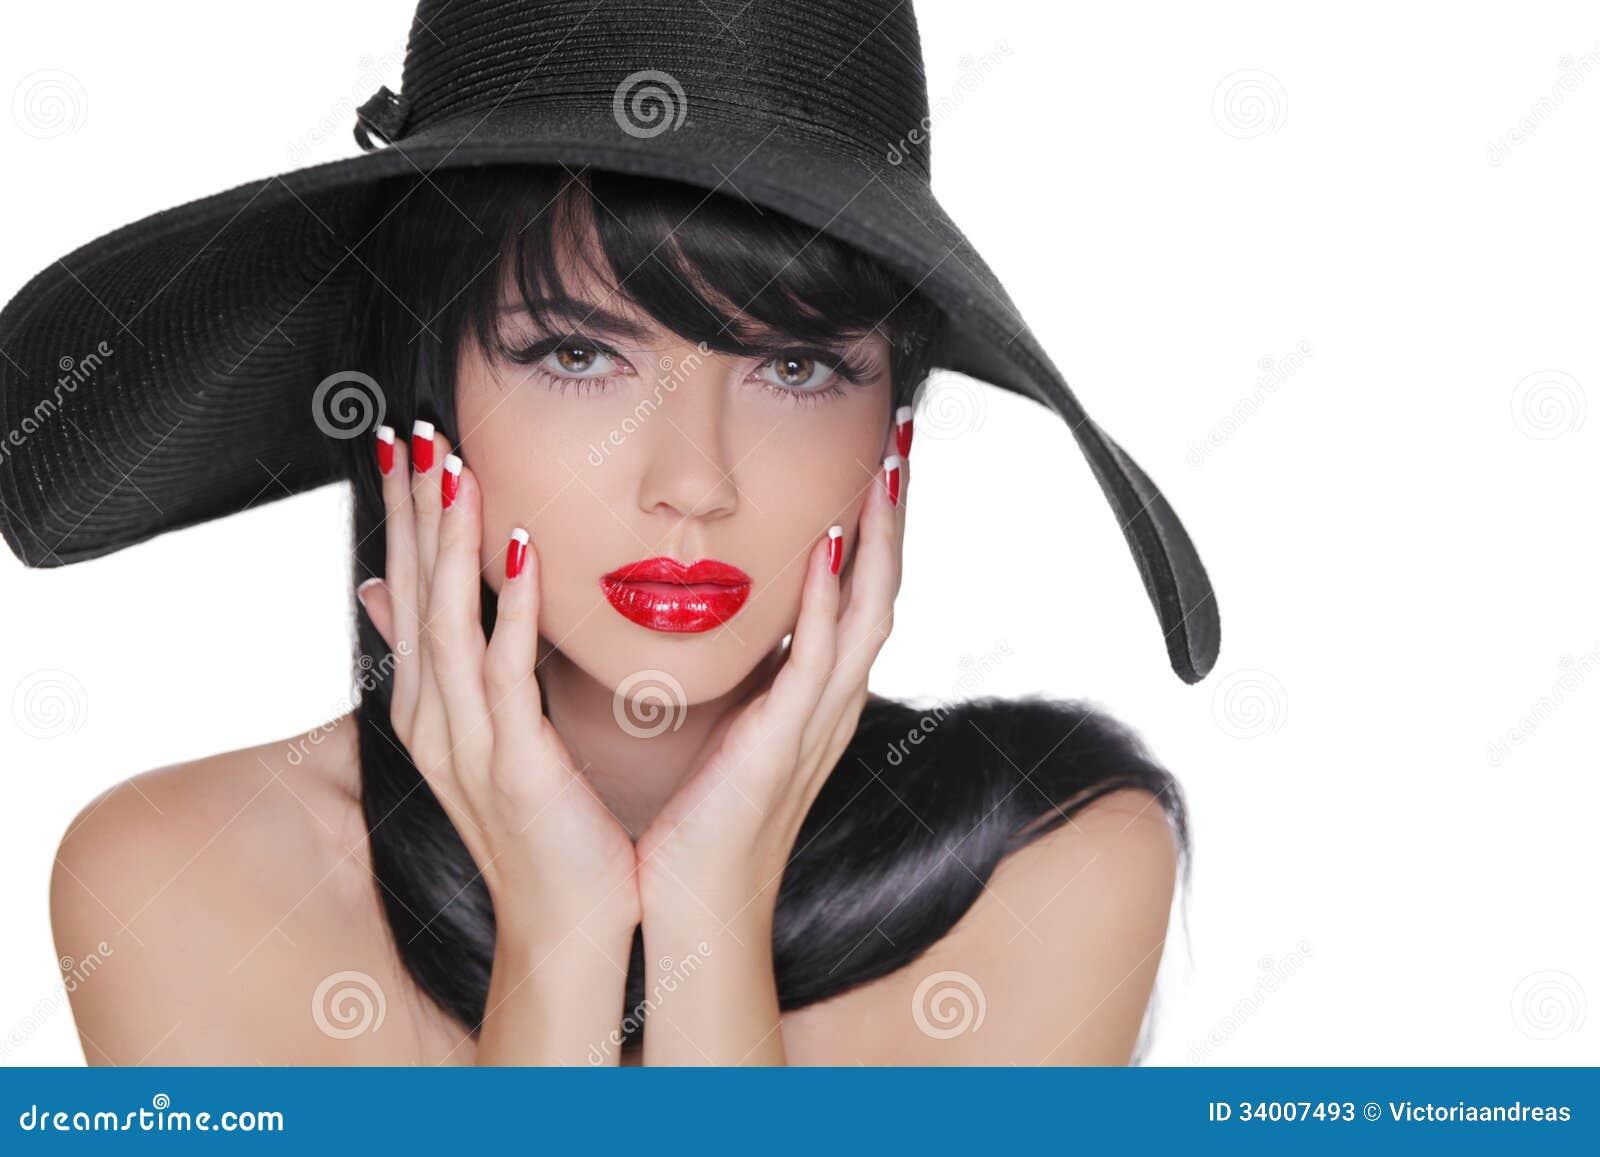 Фото брюнетки в черной шляпе 2 фотография